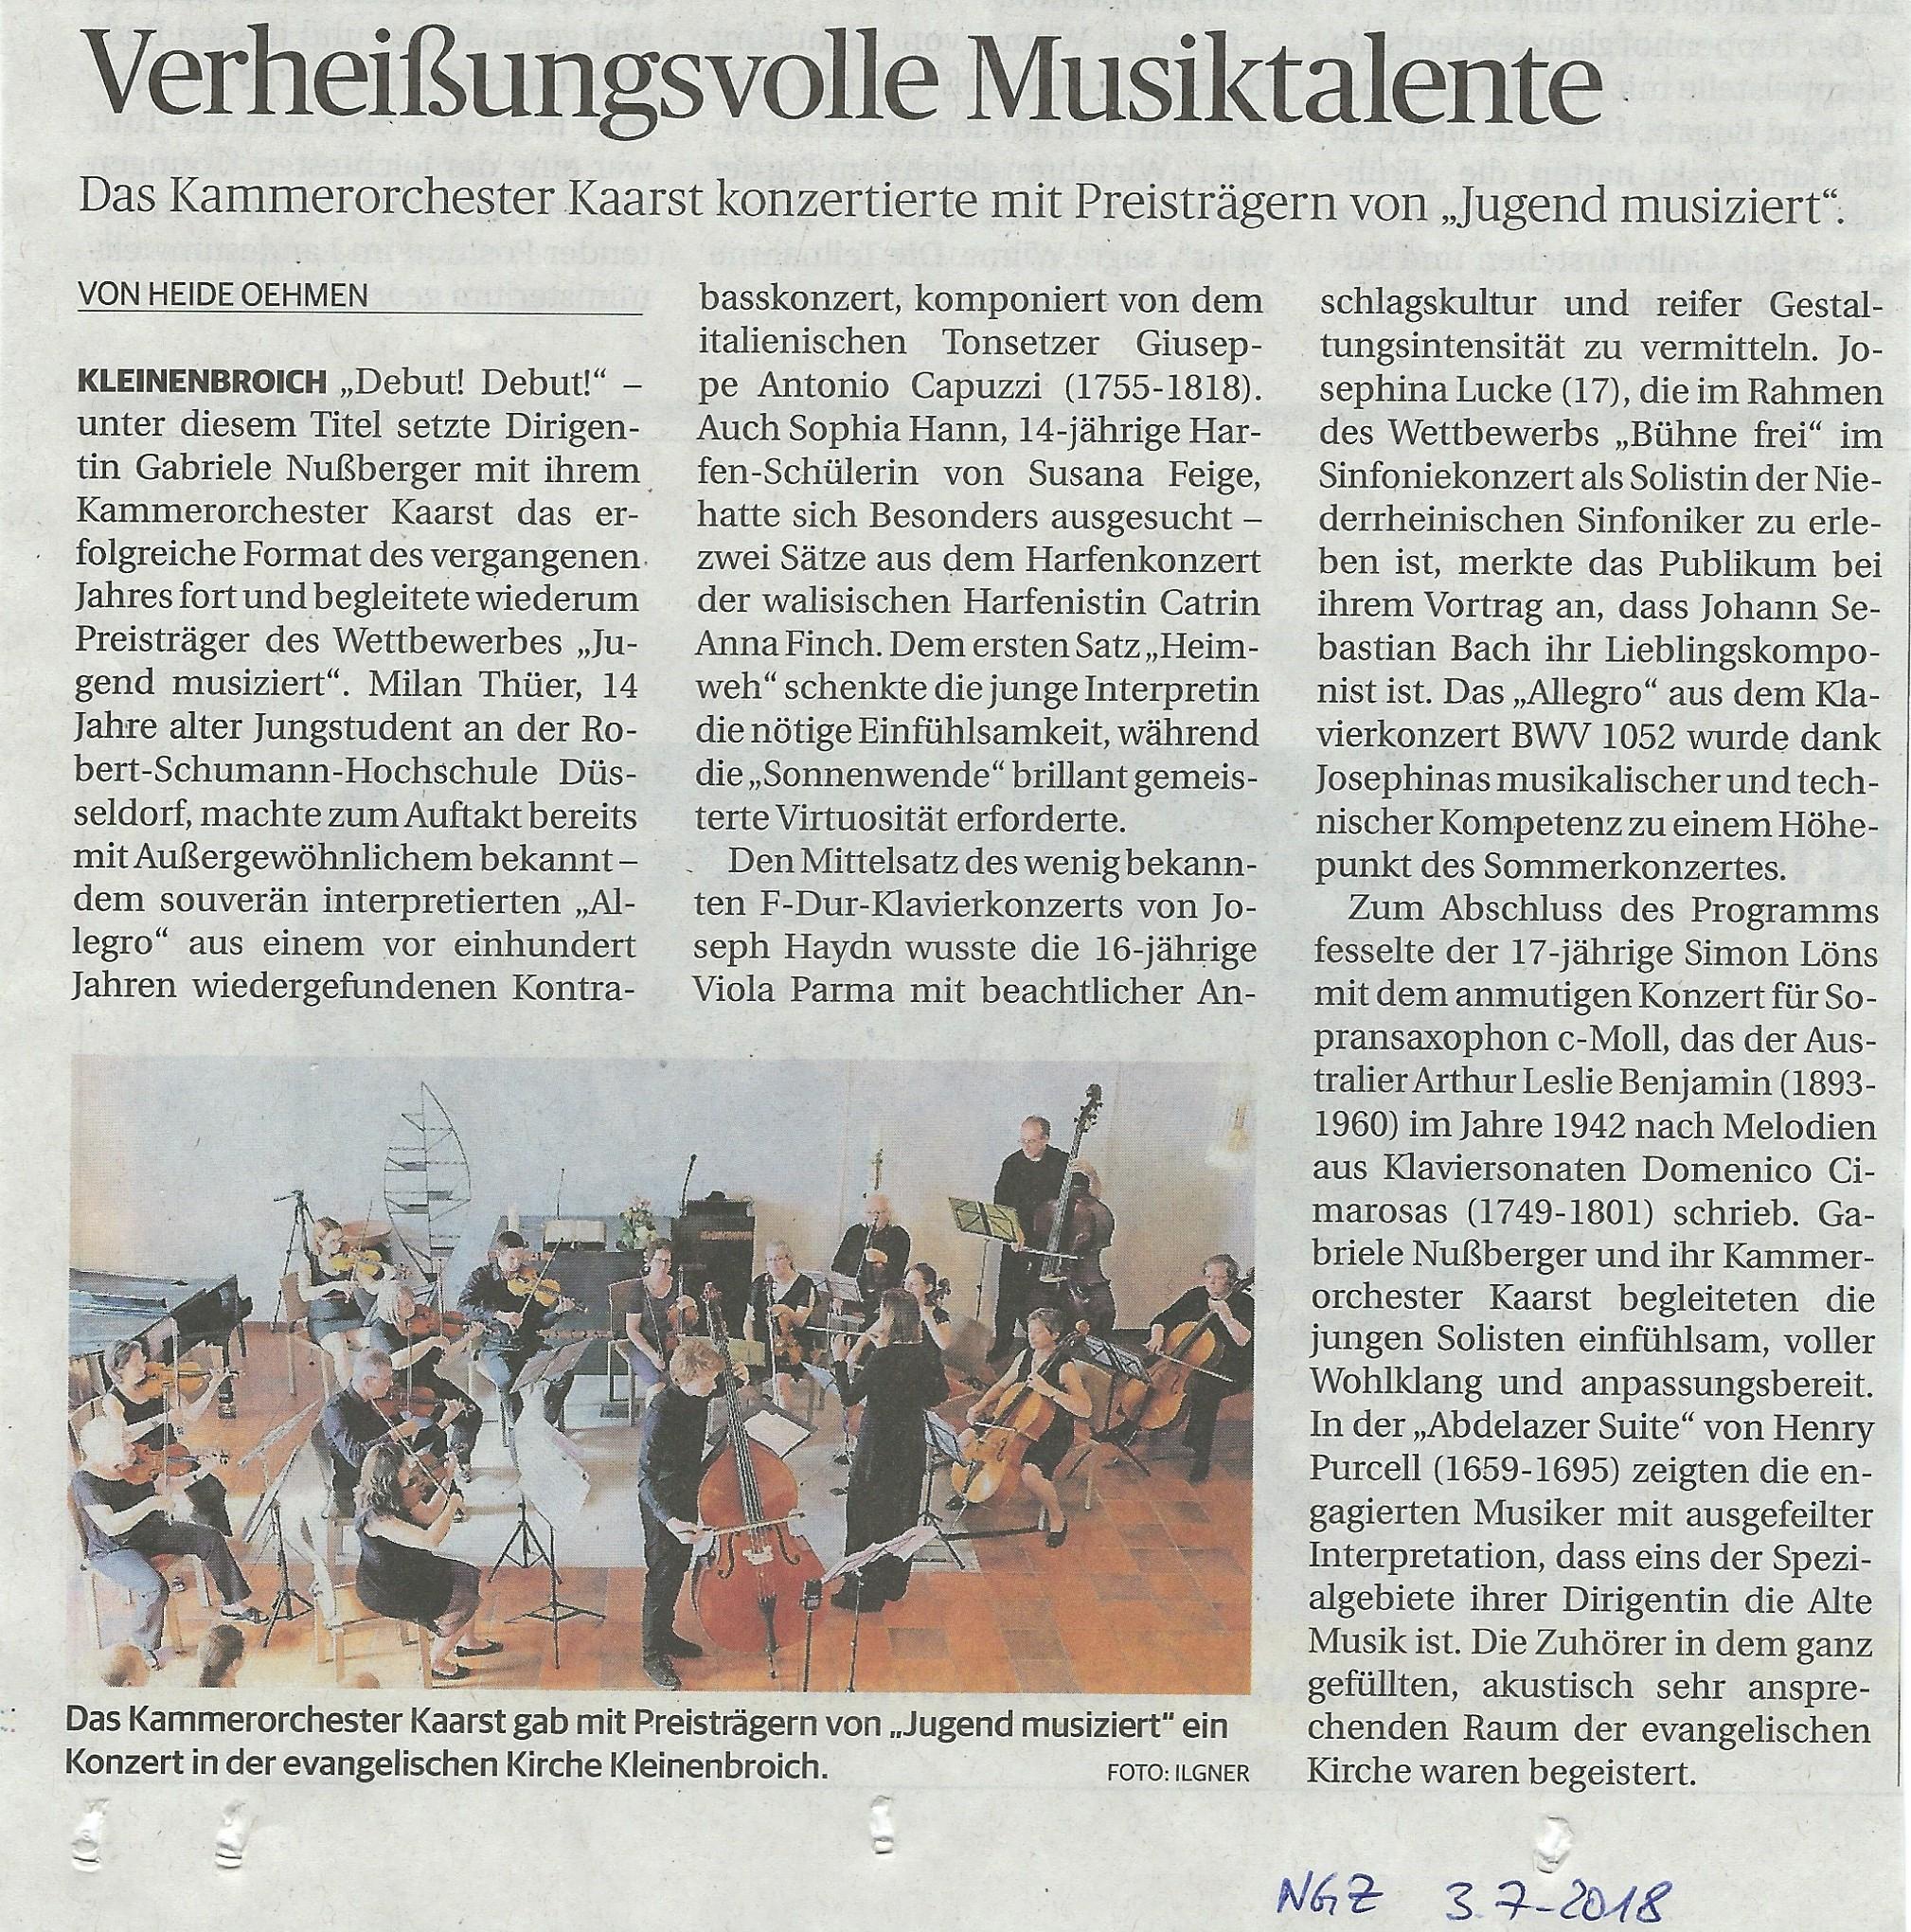 NGZ Musiktalente mit Kammerorchester Kaarst am 1.7.2018